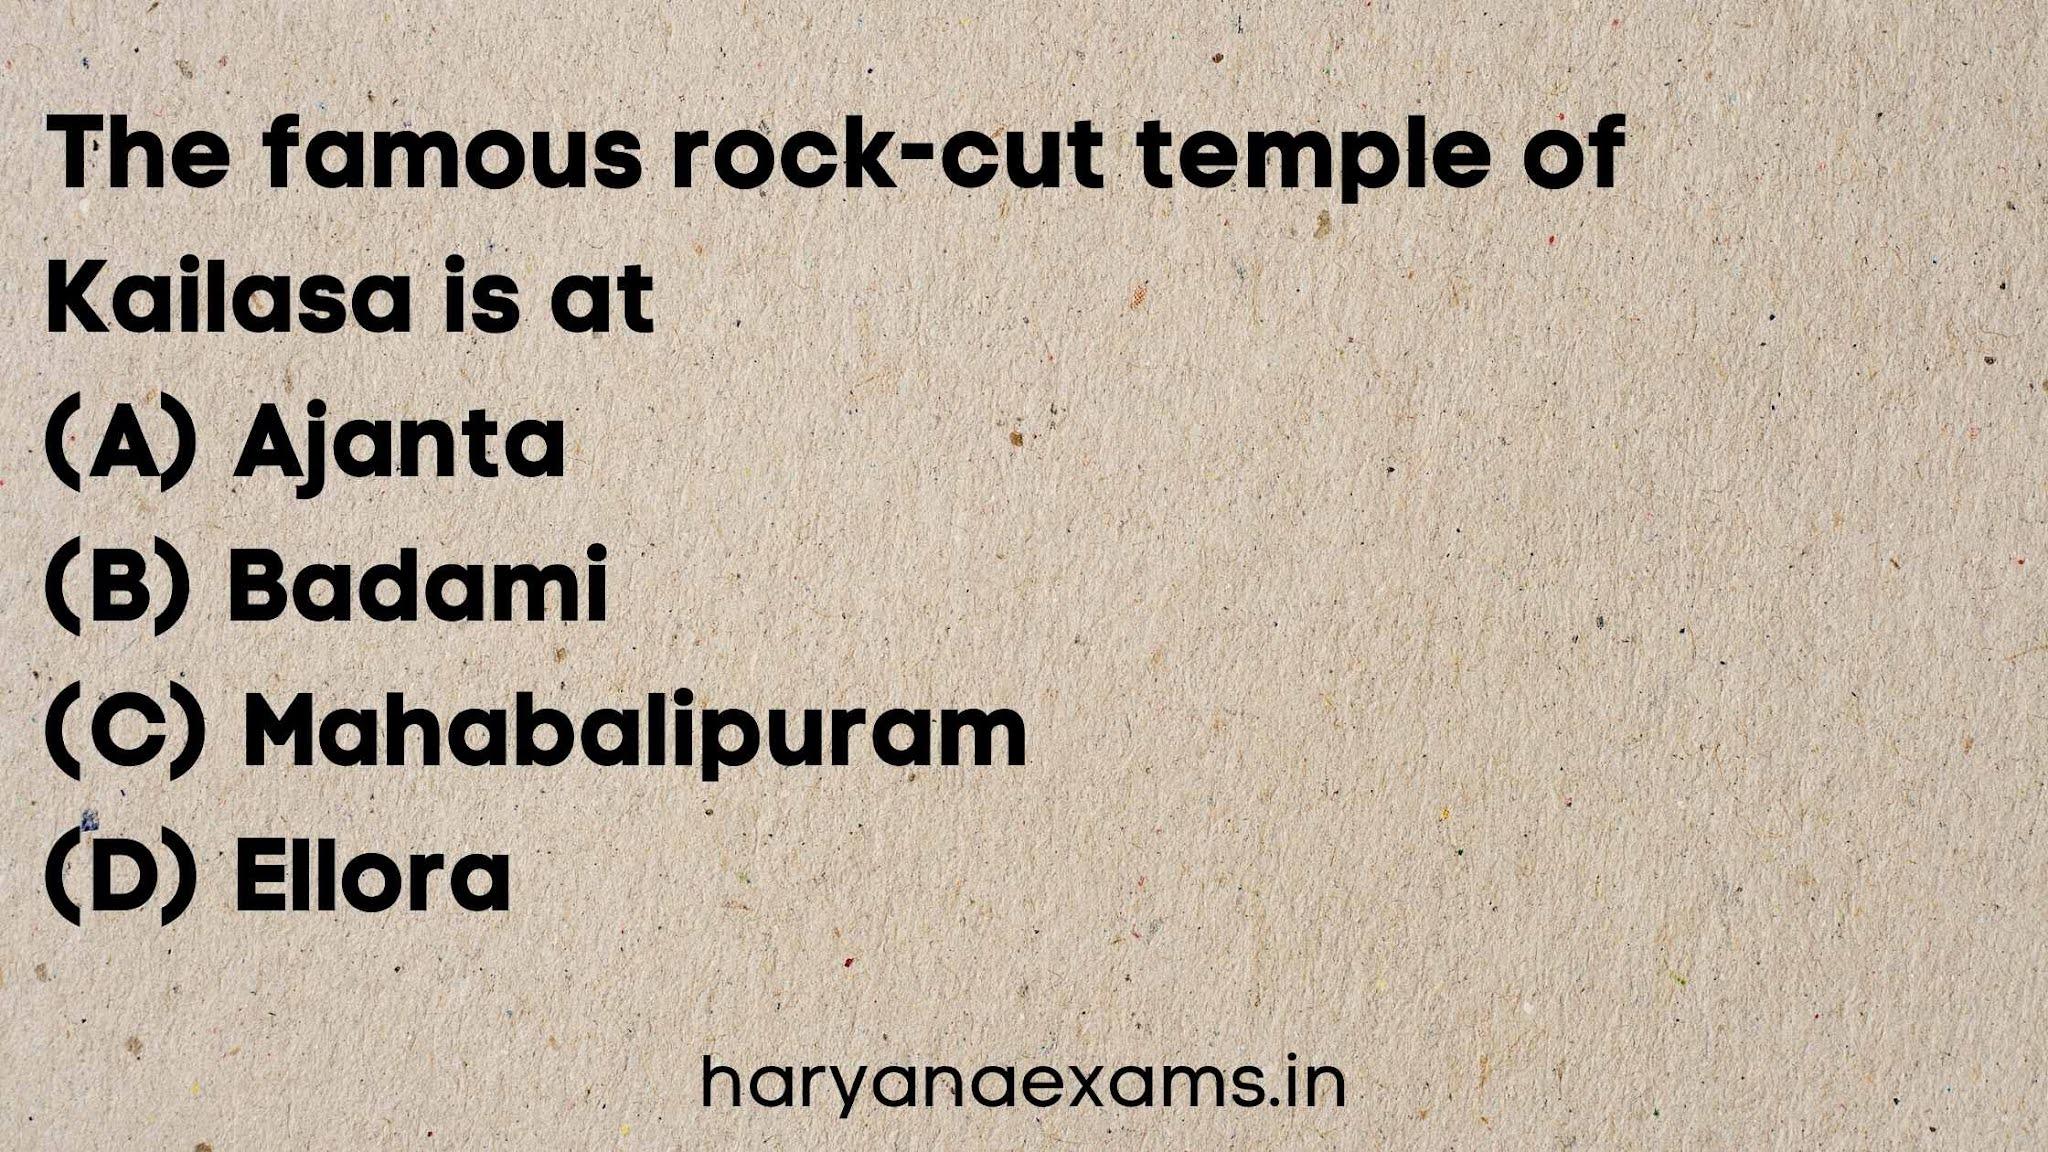 The famous rock-cut temple of Kailasa is at   (A) Ajanta   (B) Badami   (C) Mahabalipuram   (D) Ellora